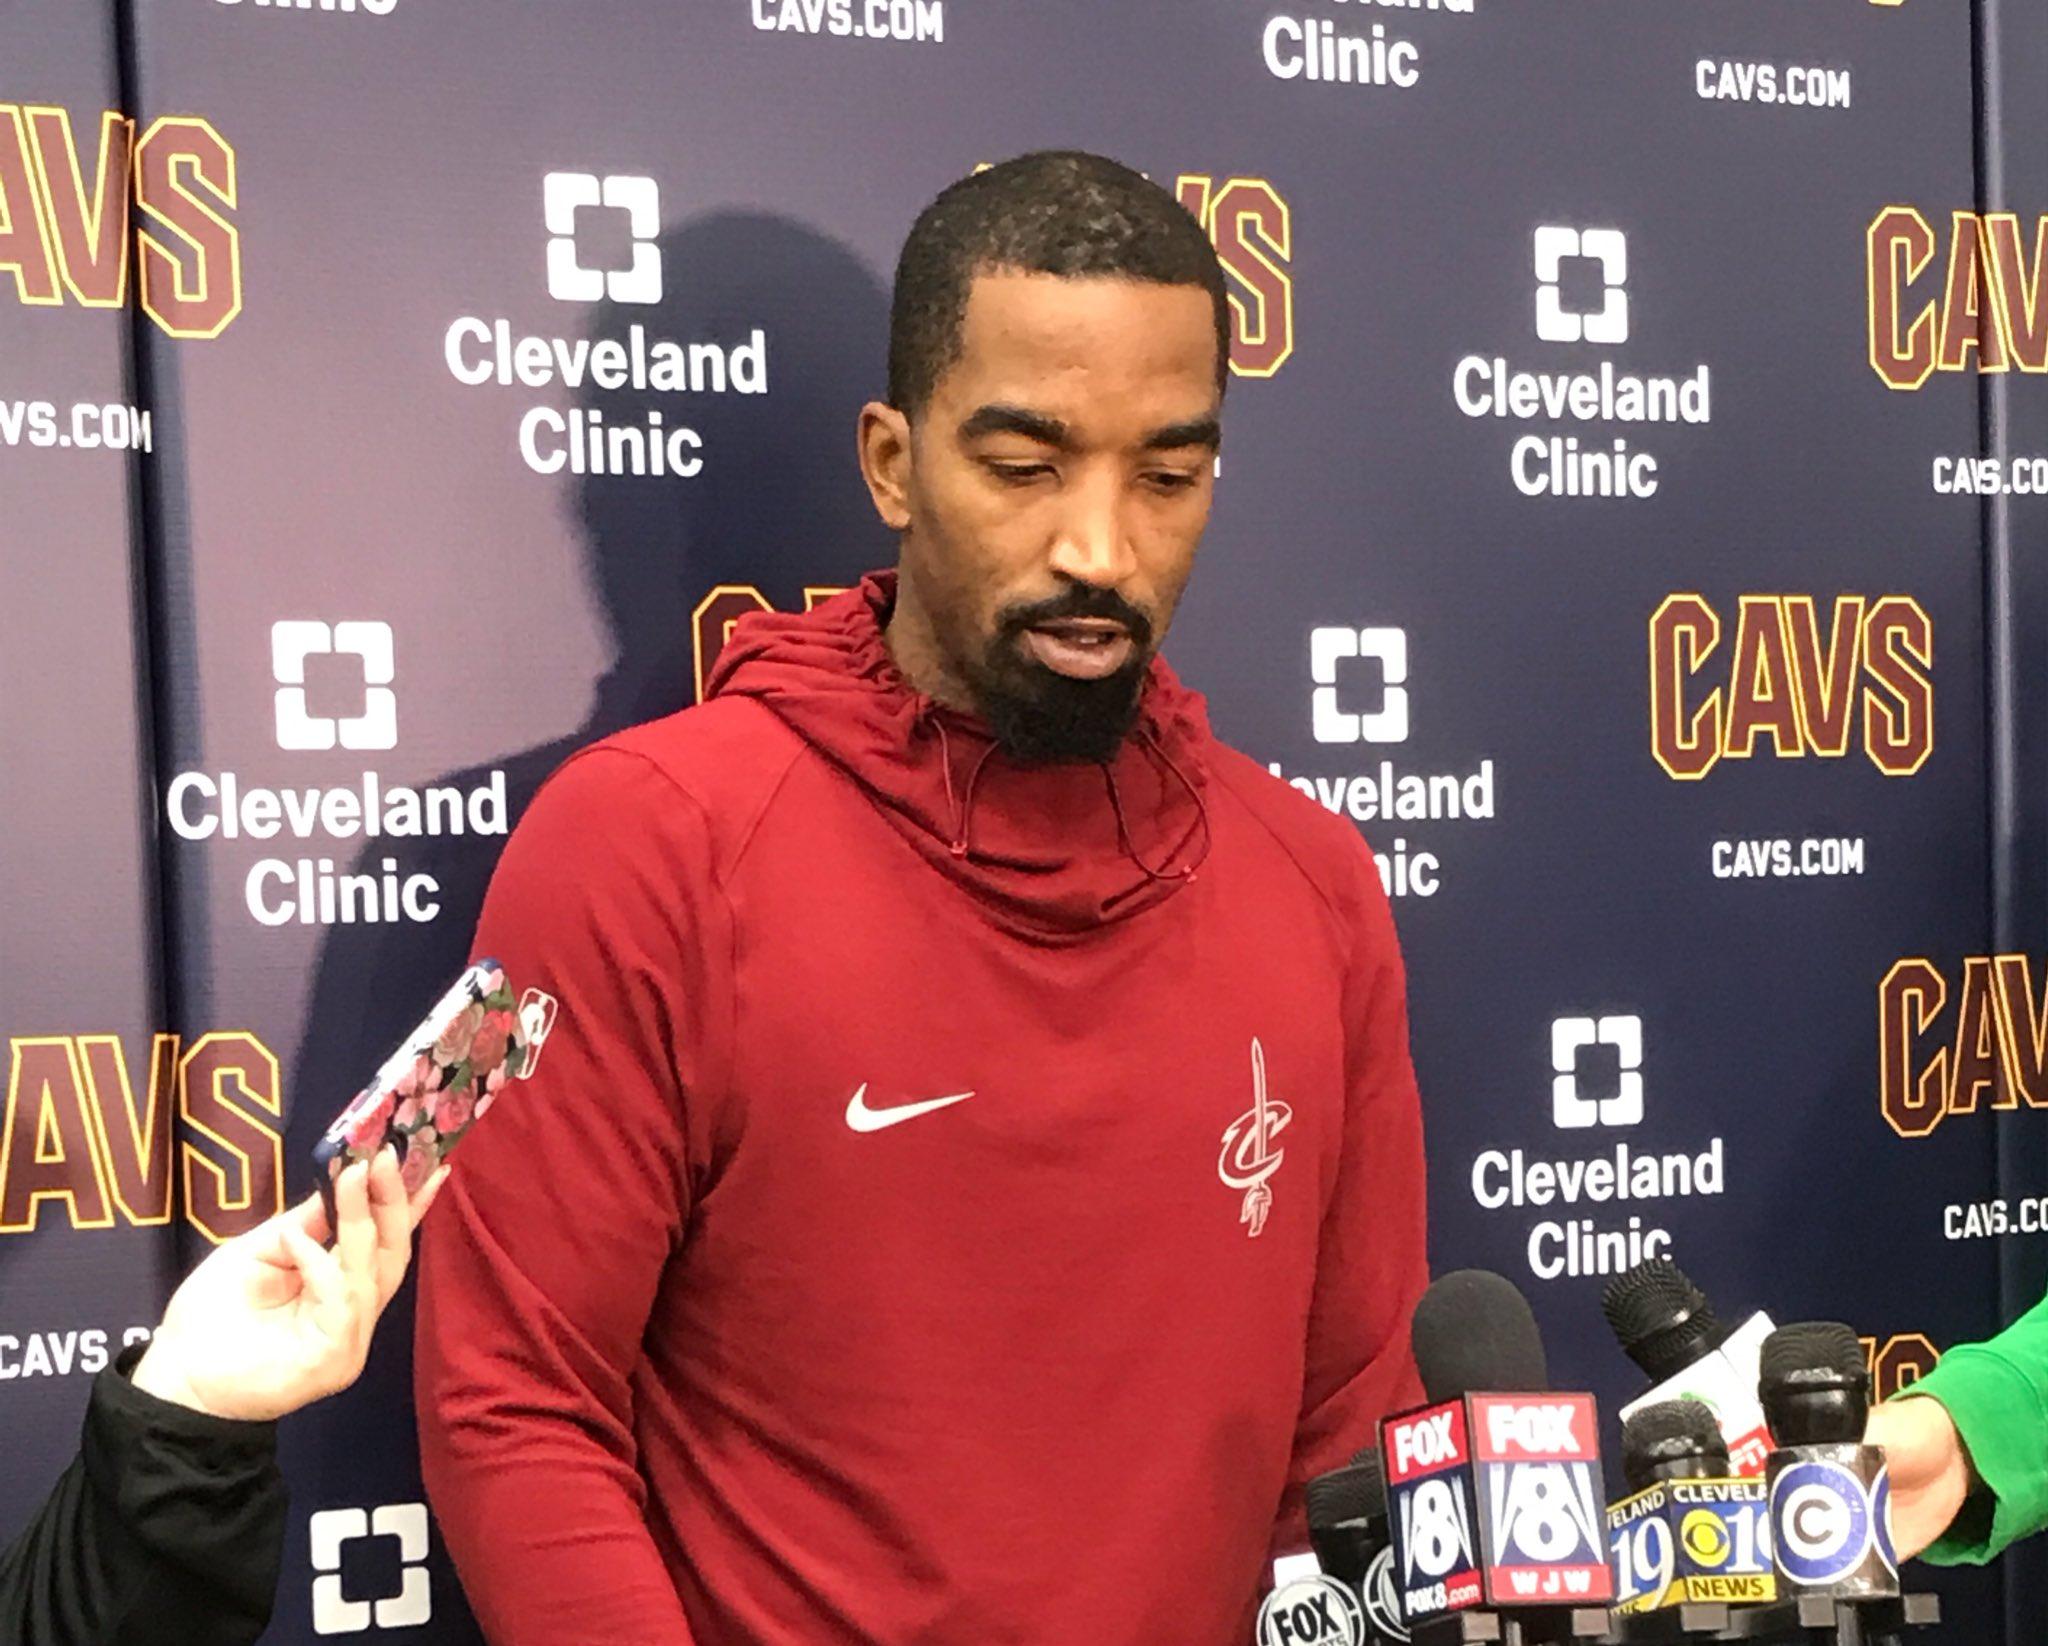 JR-史密斯因背部酸痛可能缺席对阵公牛的比赛